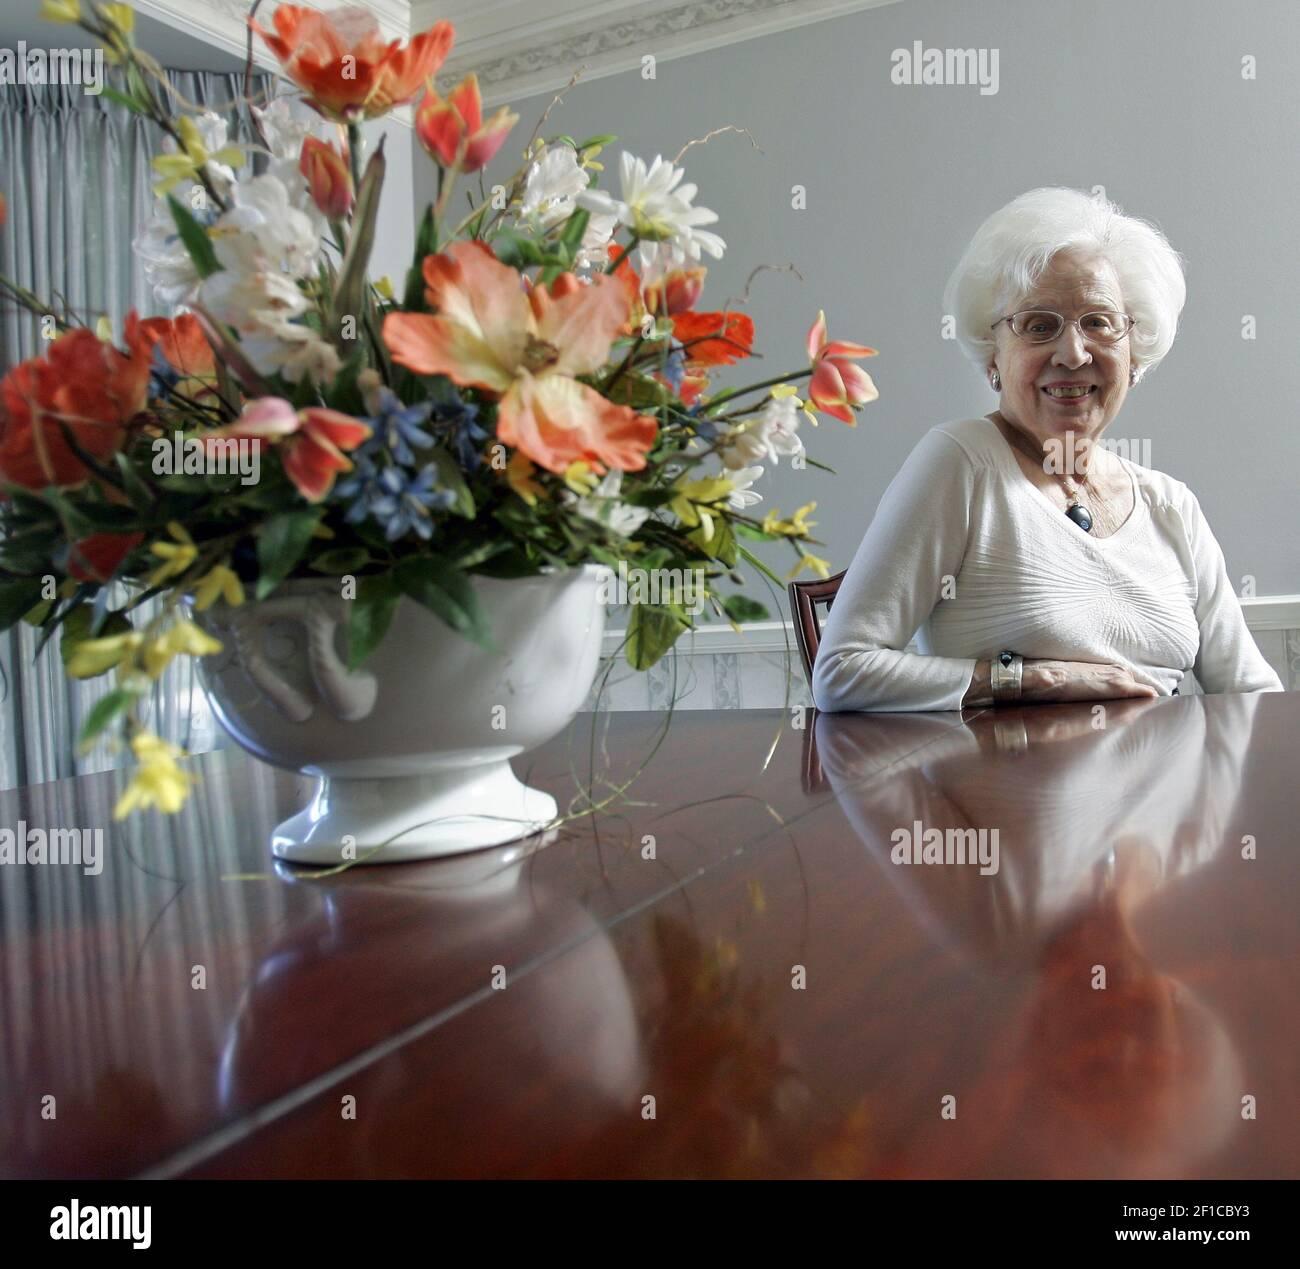 Marjorie Ellfeldt Rees, 87 ans, de Prairie Village, photo le 29 juin 2009, Est l'un des 300 Wasps survivants, un acronyme pour les femmes pilotes de la Seconde Guerre mondiale Très bientôt, Rees recevra une pièce d'or du Congrès pour son service. (Photo de Jim Barcus/Kansas City Star/MCT/Sipa USA) Banque D'Images